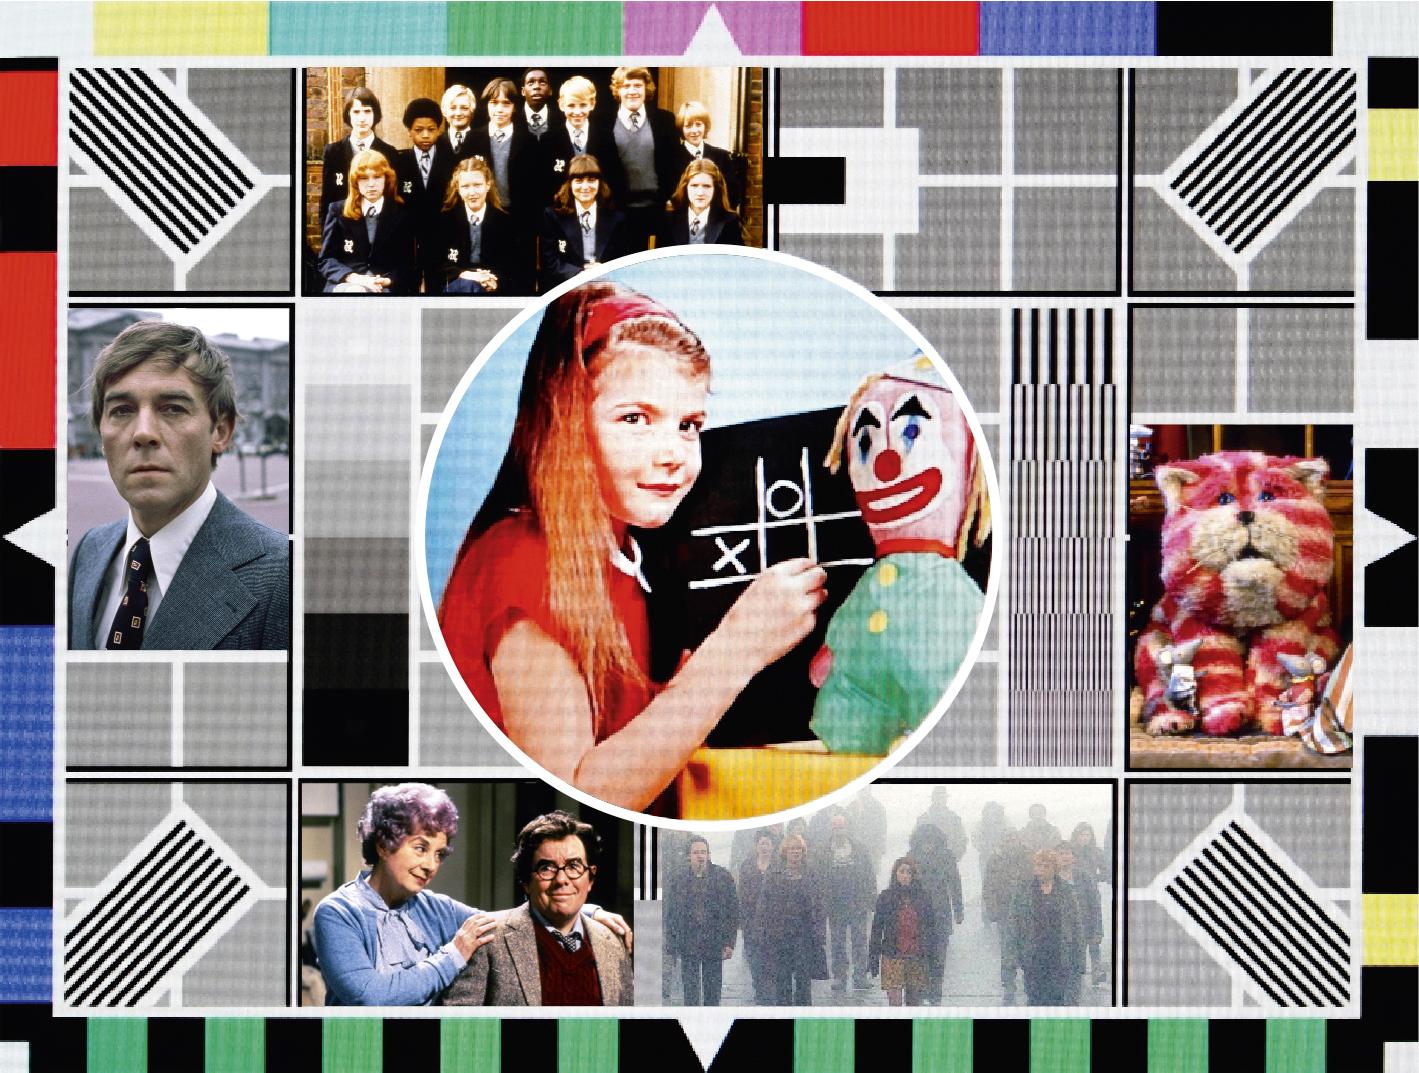 TV, theme tunes